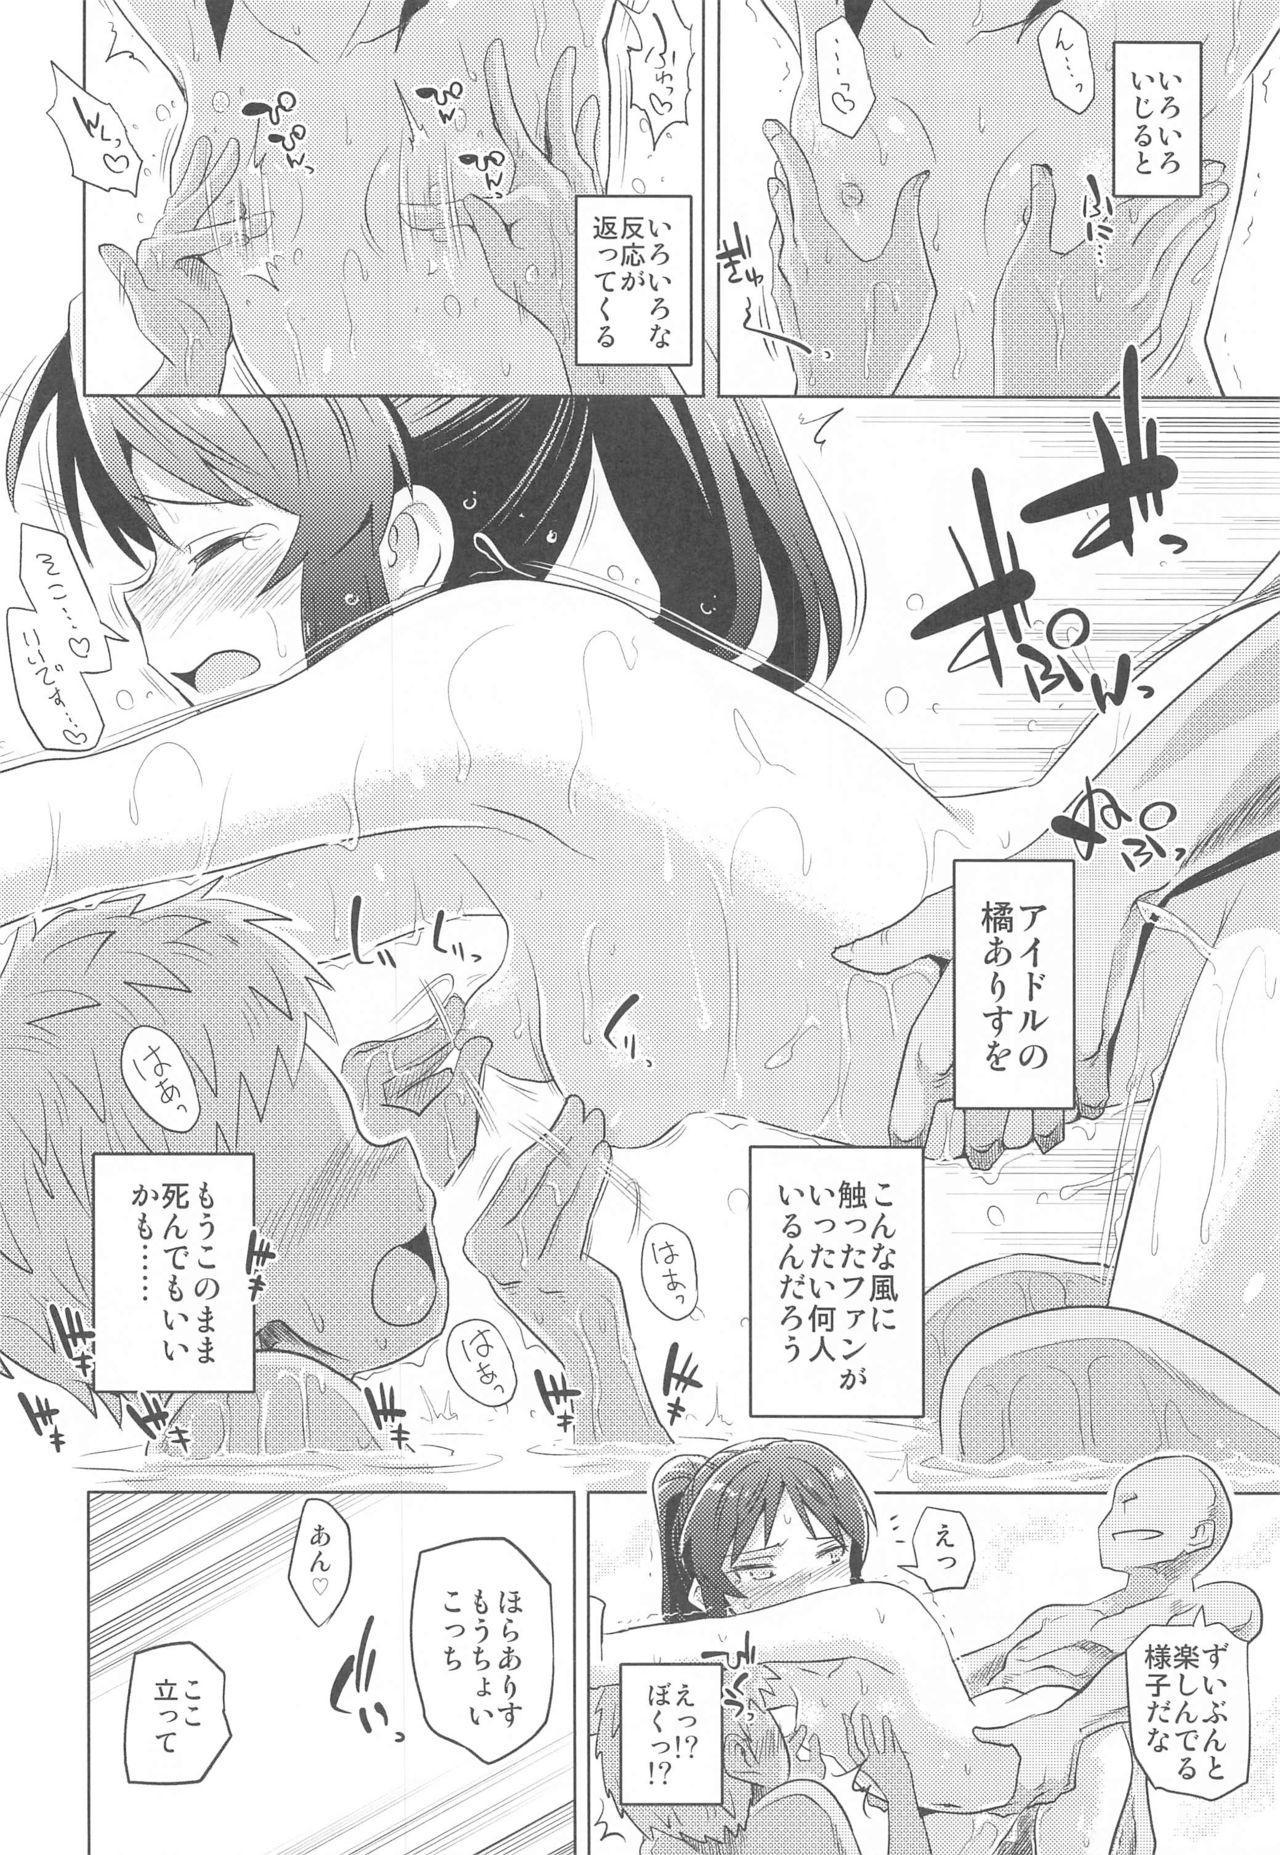 Arisu to Ofuro 20